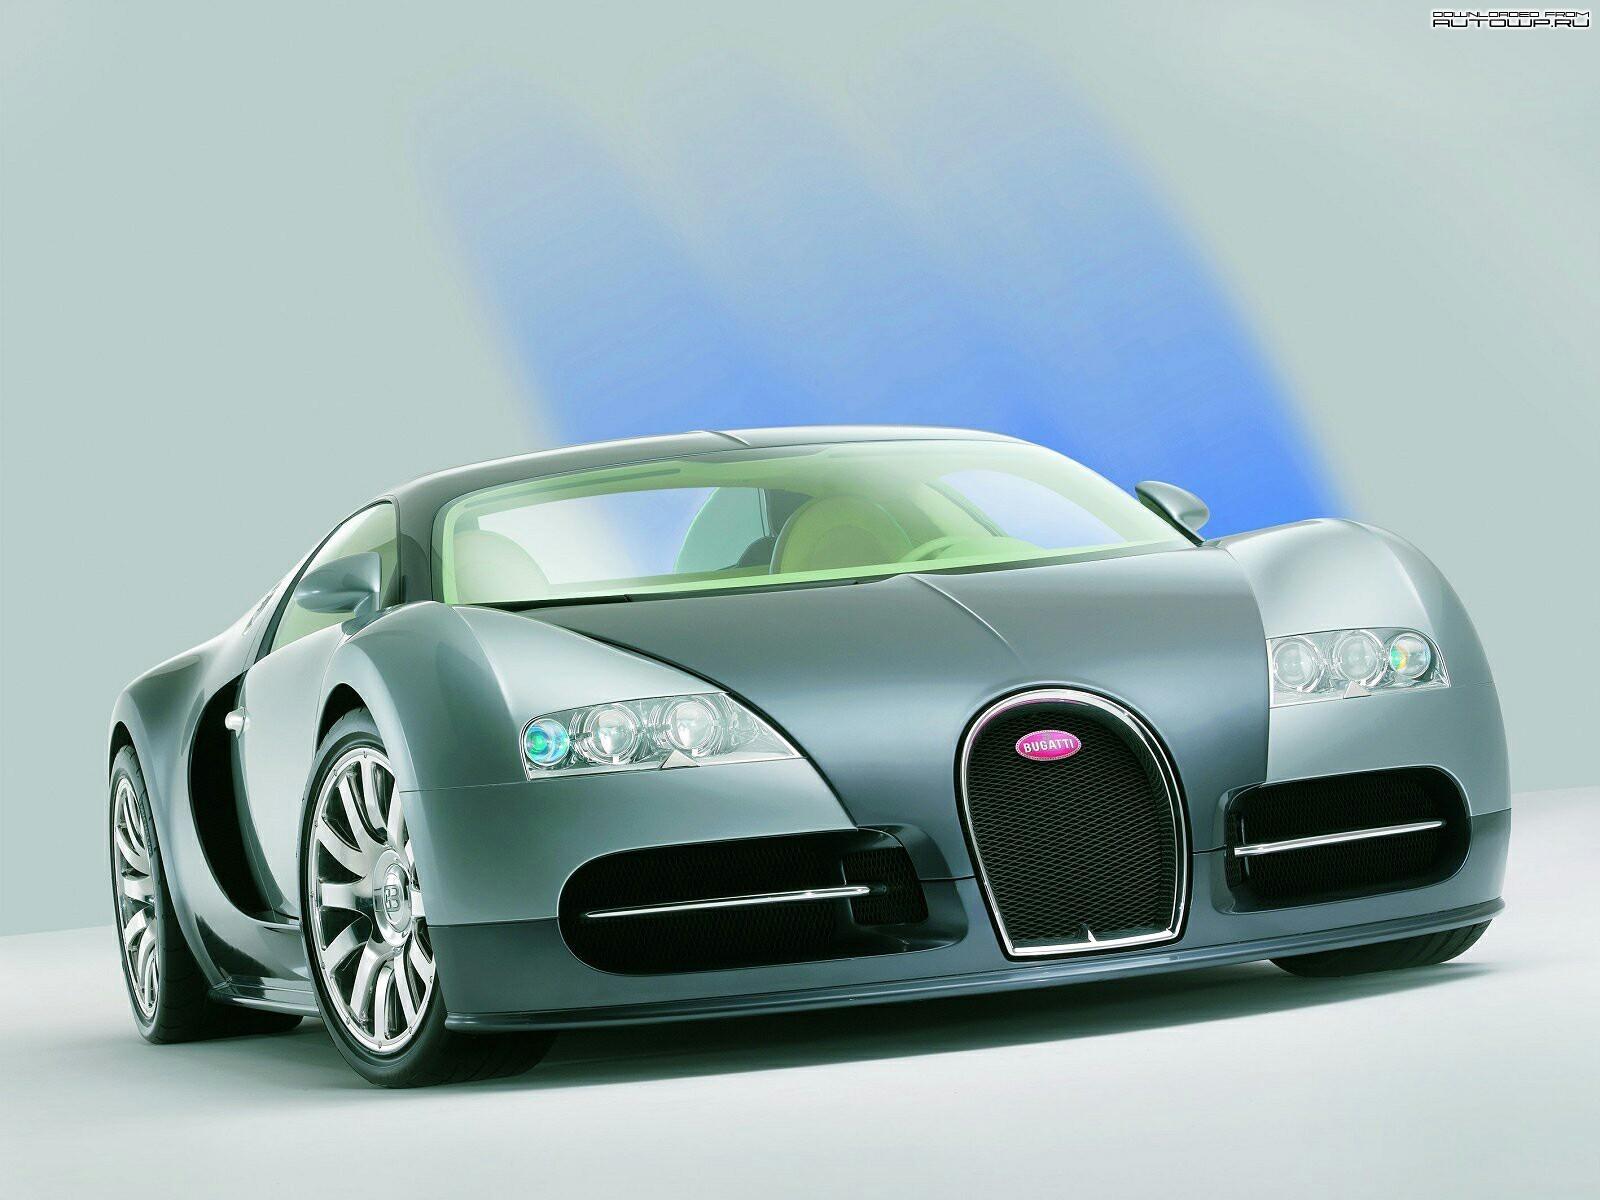 bugatti eb 16 4 veyron picture 62173 bugatti photo. Black Bedroom Furniture Sets. Home Design Ideas